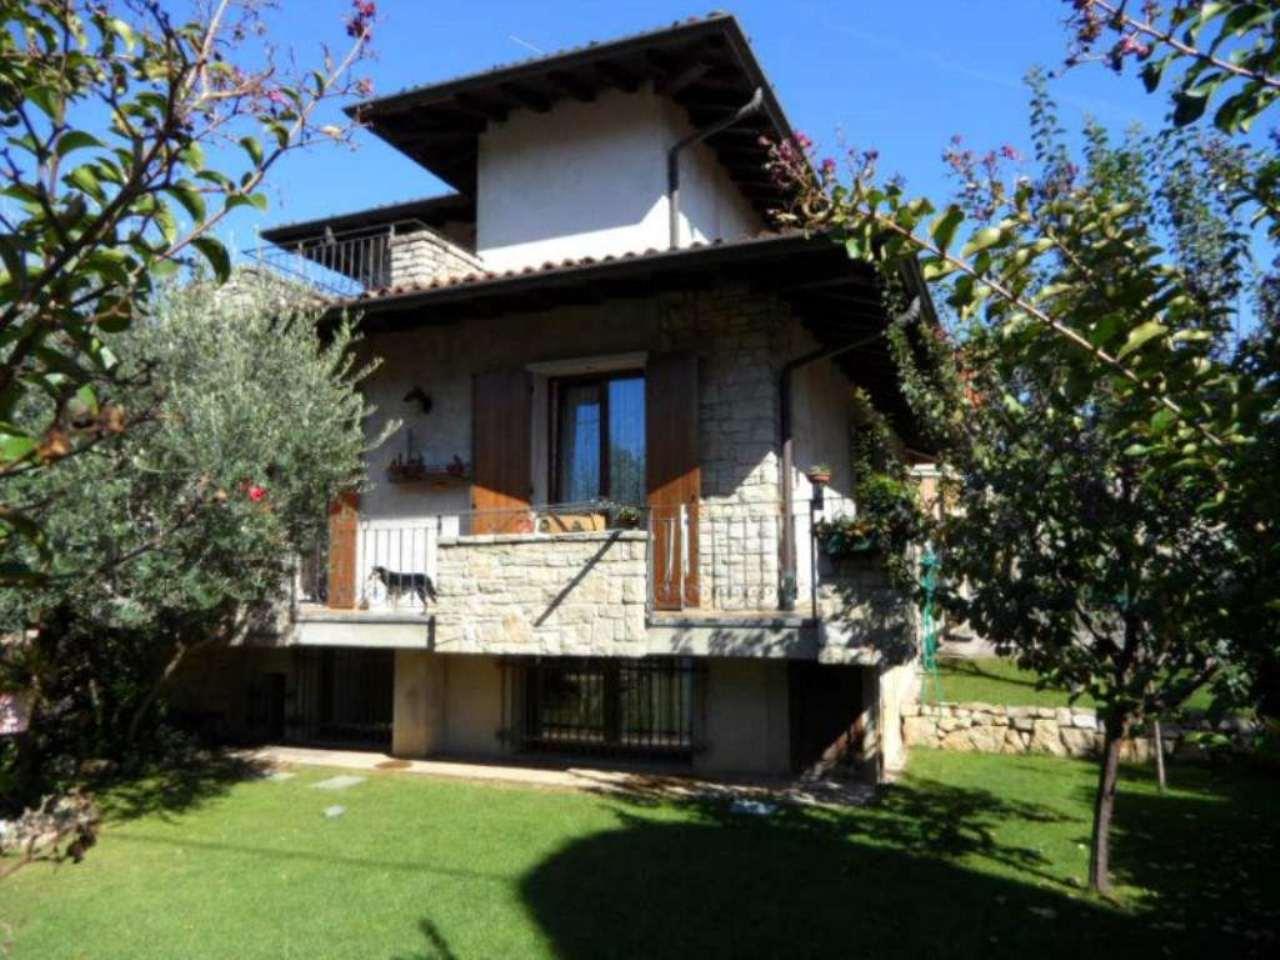 Villa in vendita a Albano Sant'Alessandro, 5 locali, prezzo € 390.000 | Cambio Casa.it